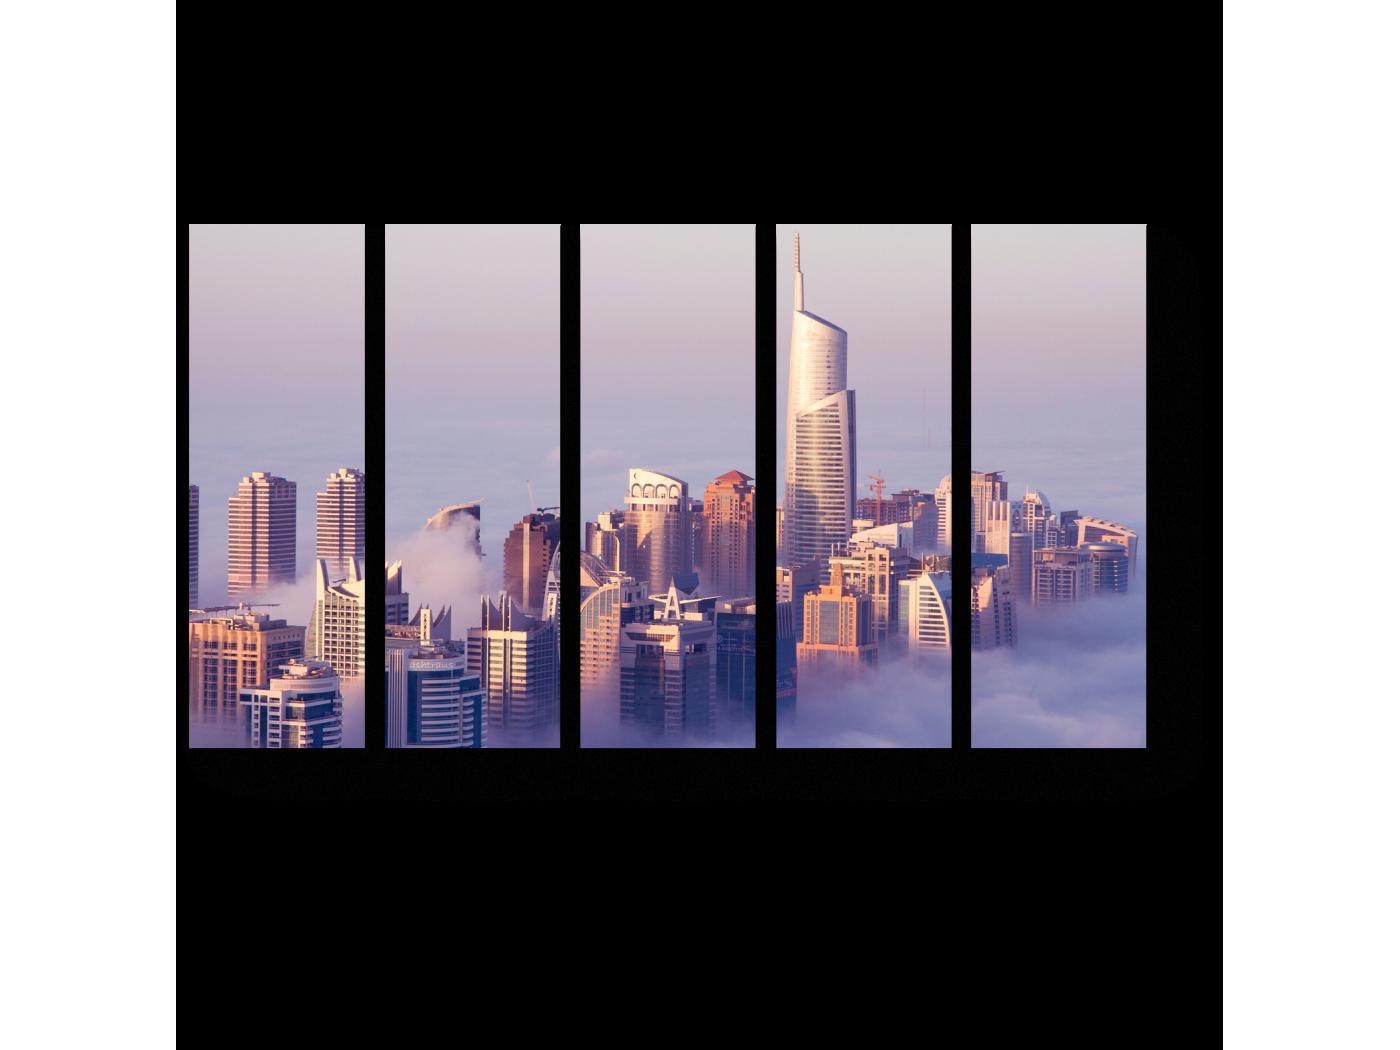 Модульная картина Выше облаков (90x54) фото